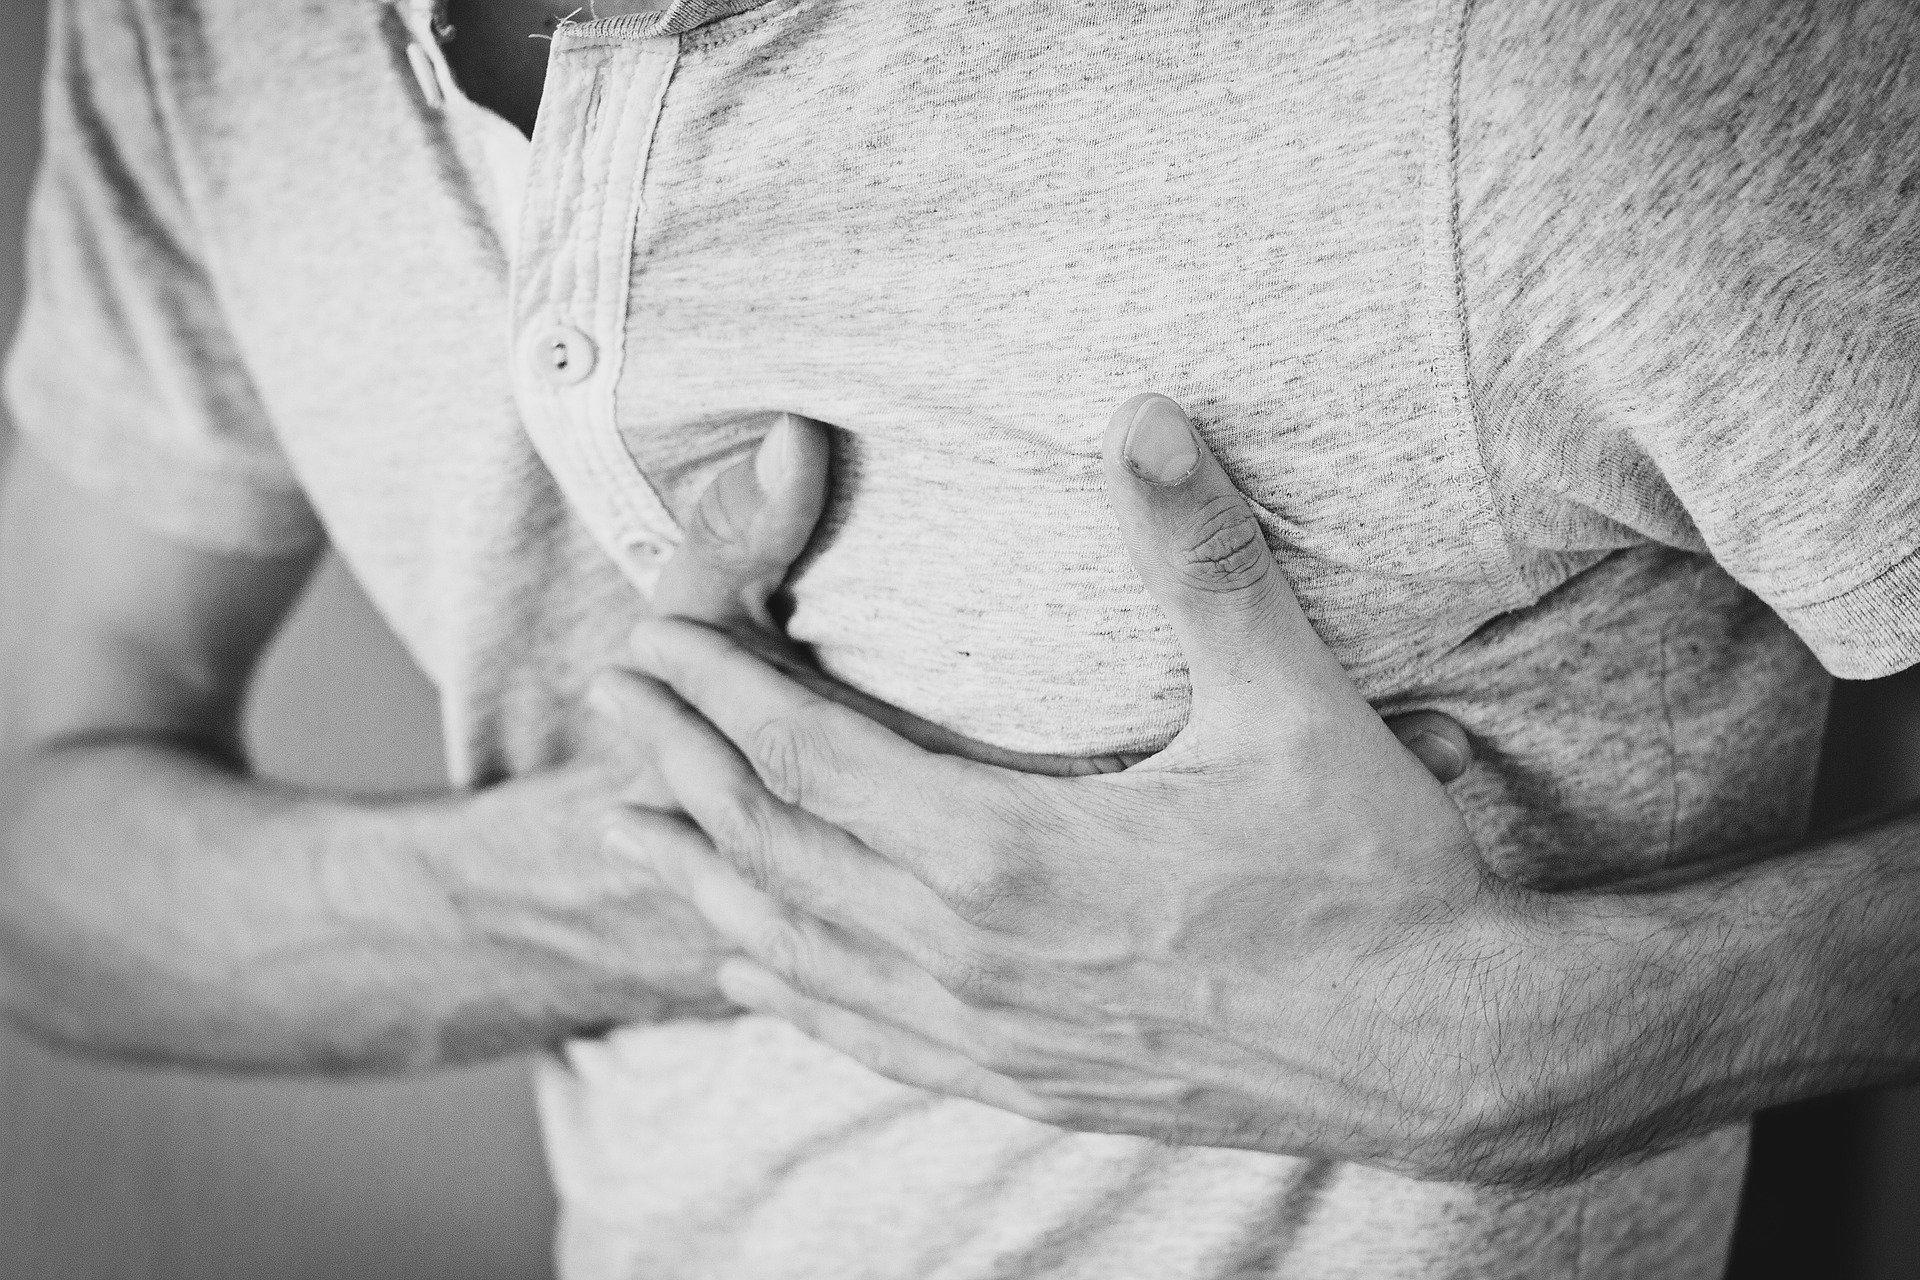 Comment savoir si je fais une crise cardiaque ?